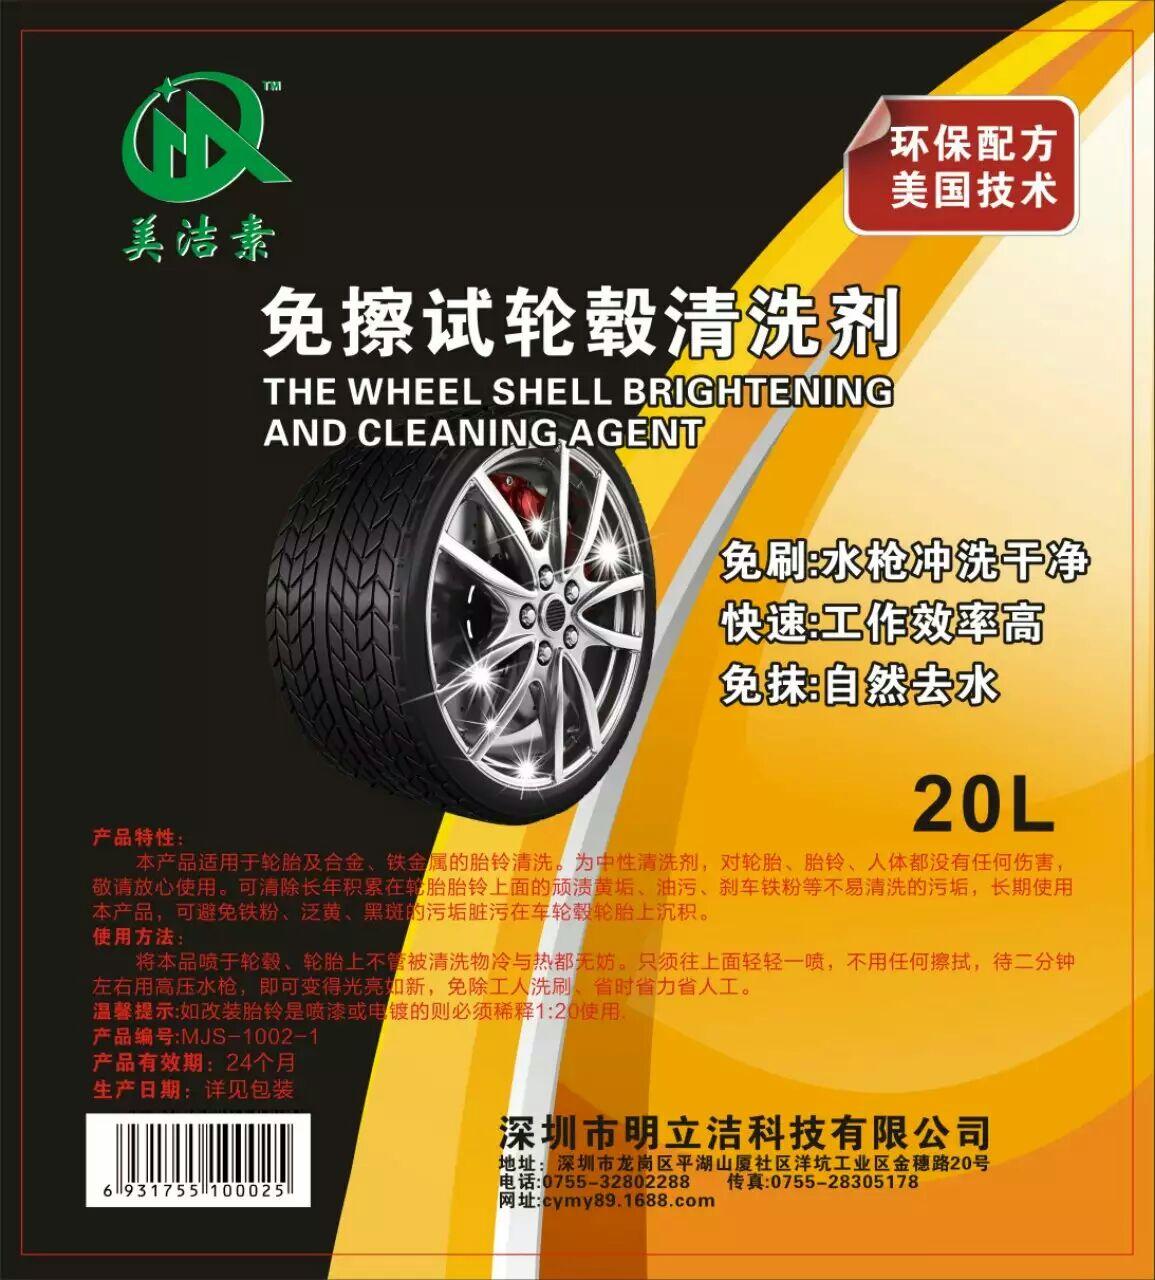 来自钟佑鸿发布的供应信息:... - 深圳市明立洁科技有限公司